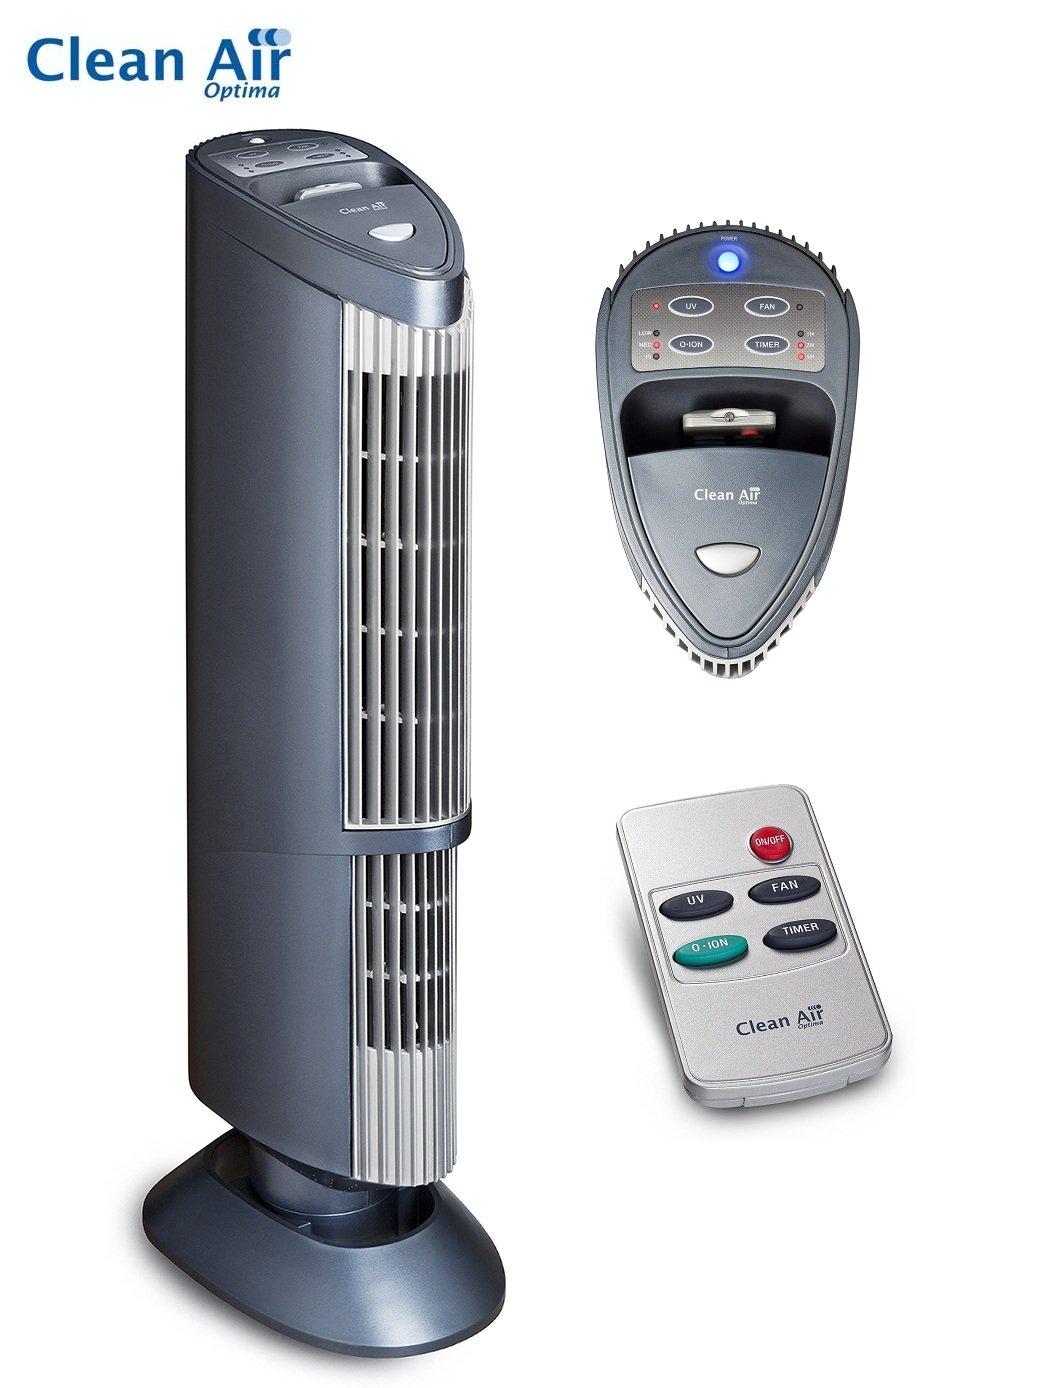 Luftreiniger Ionisator CA401, Kein Filter Nachkauf, bis 60m²/150m³   Überprüfung und weitere Informationen